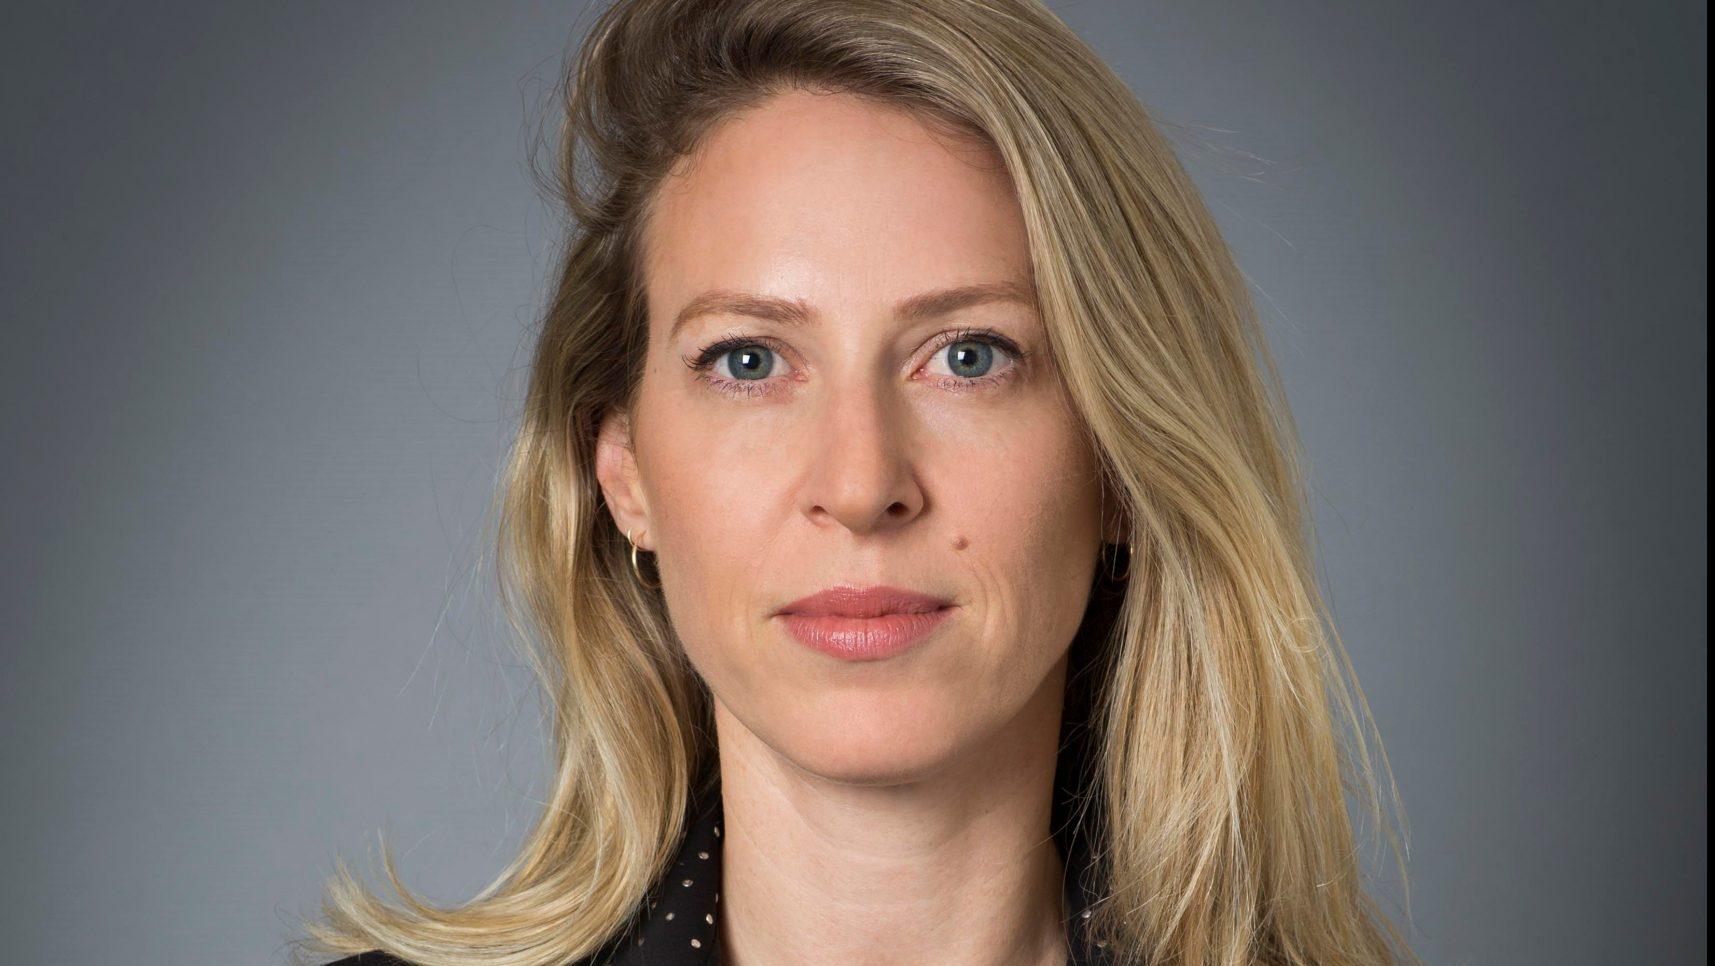 קרן הנדלמן פרנקפורט – מנהלת מחלקת תביעות במארש ישראל: שוק הביטוח התקשח מאוד בשנים האחרונות בכלל, ובתחום התביעות בפרט